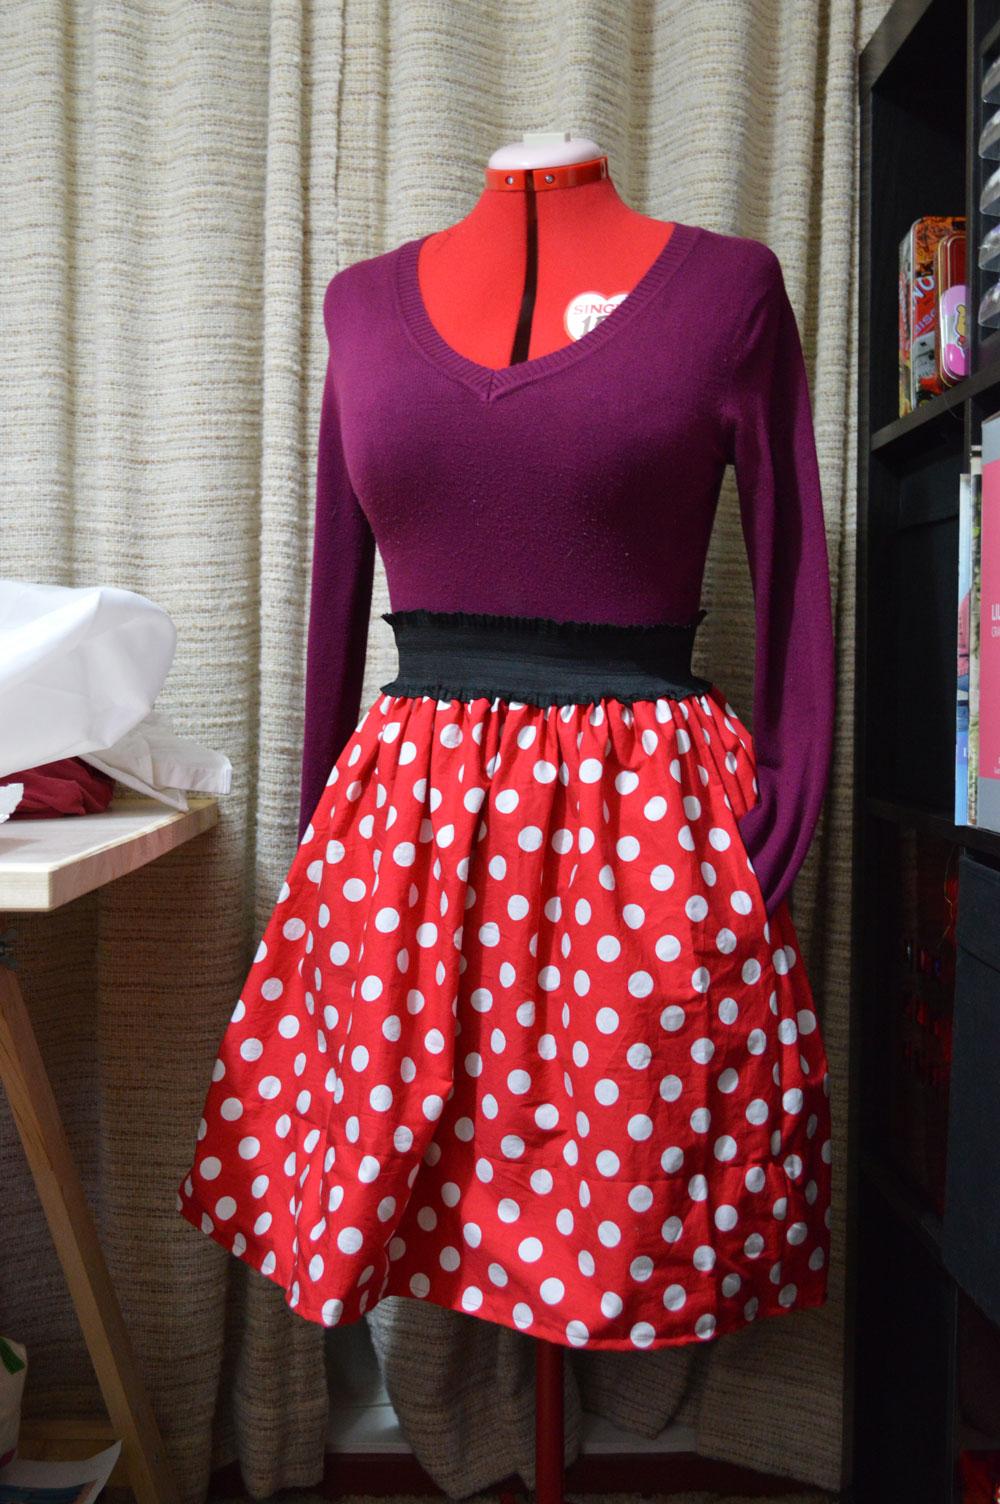 Red-polka-dot-skirt.jpg